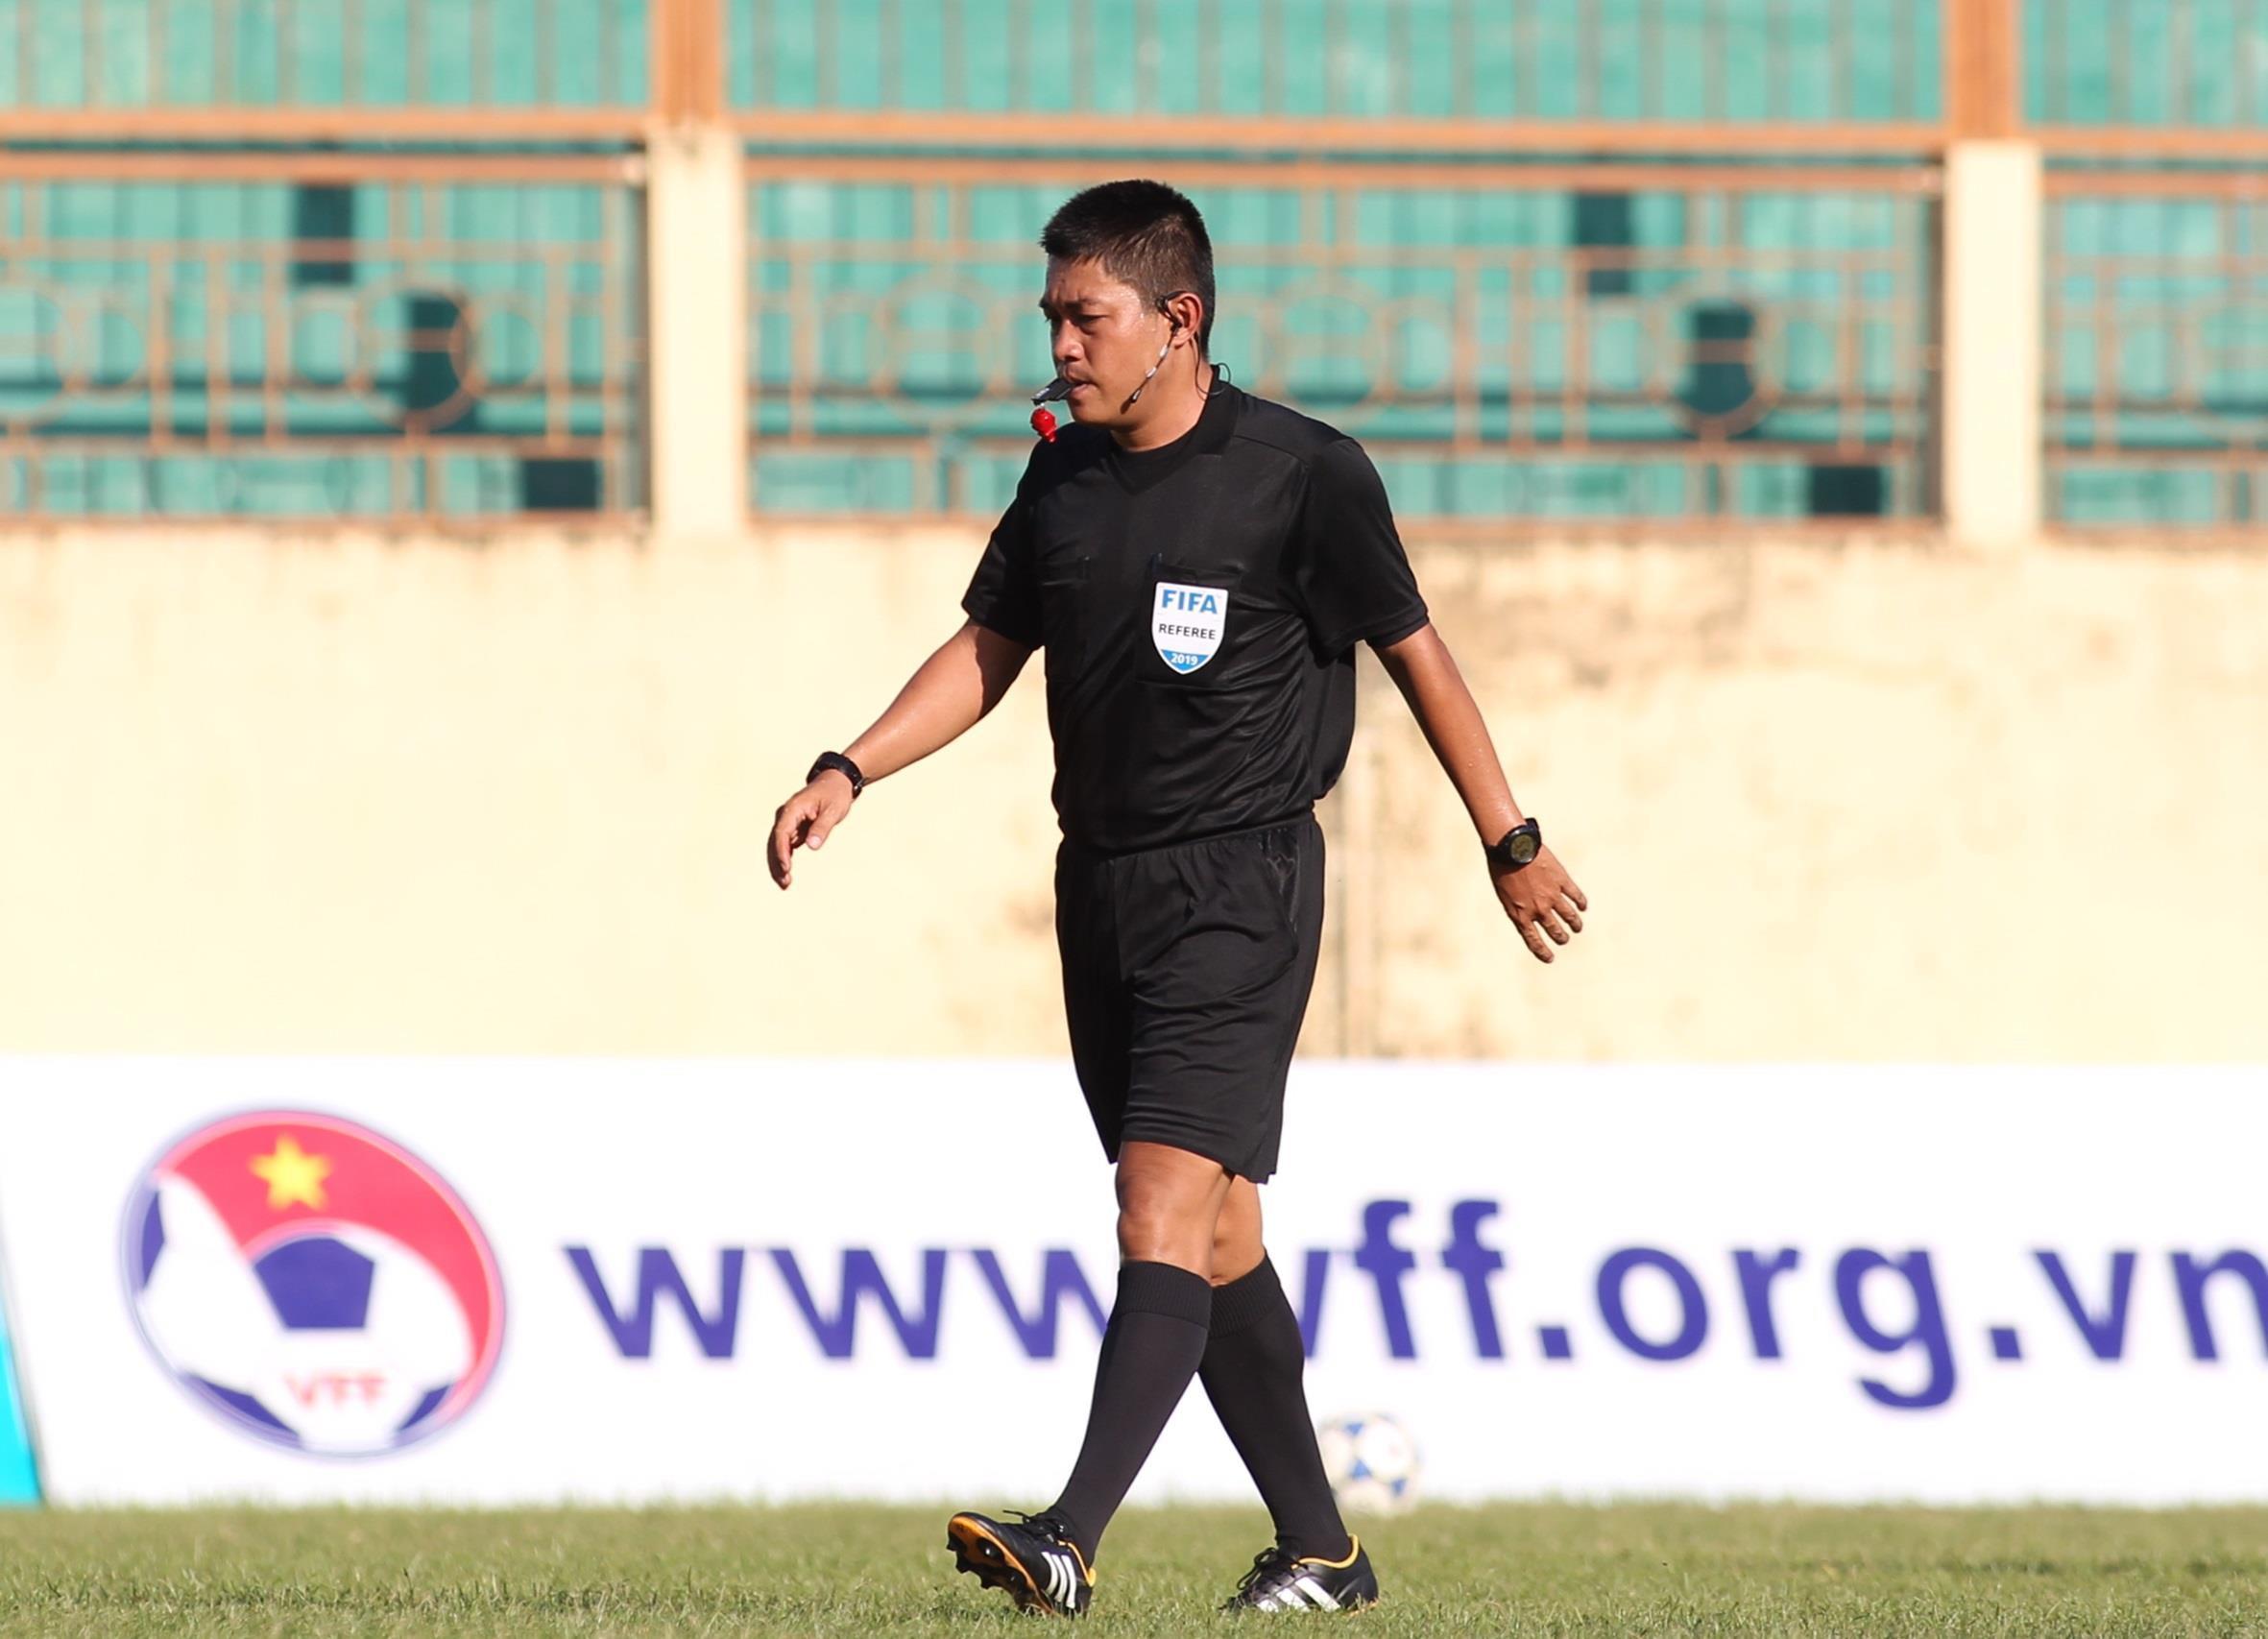 Trọng tài FIFA Việt Nam ngất xỉu khi tham gia buổi kiểm tra thể lực Ảnh 2